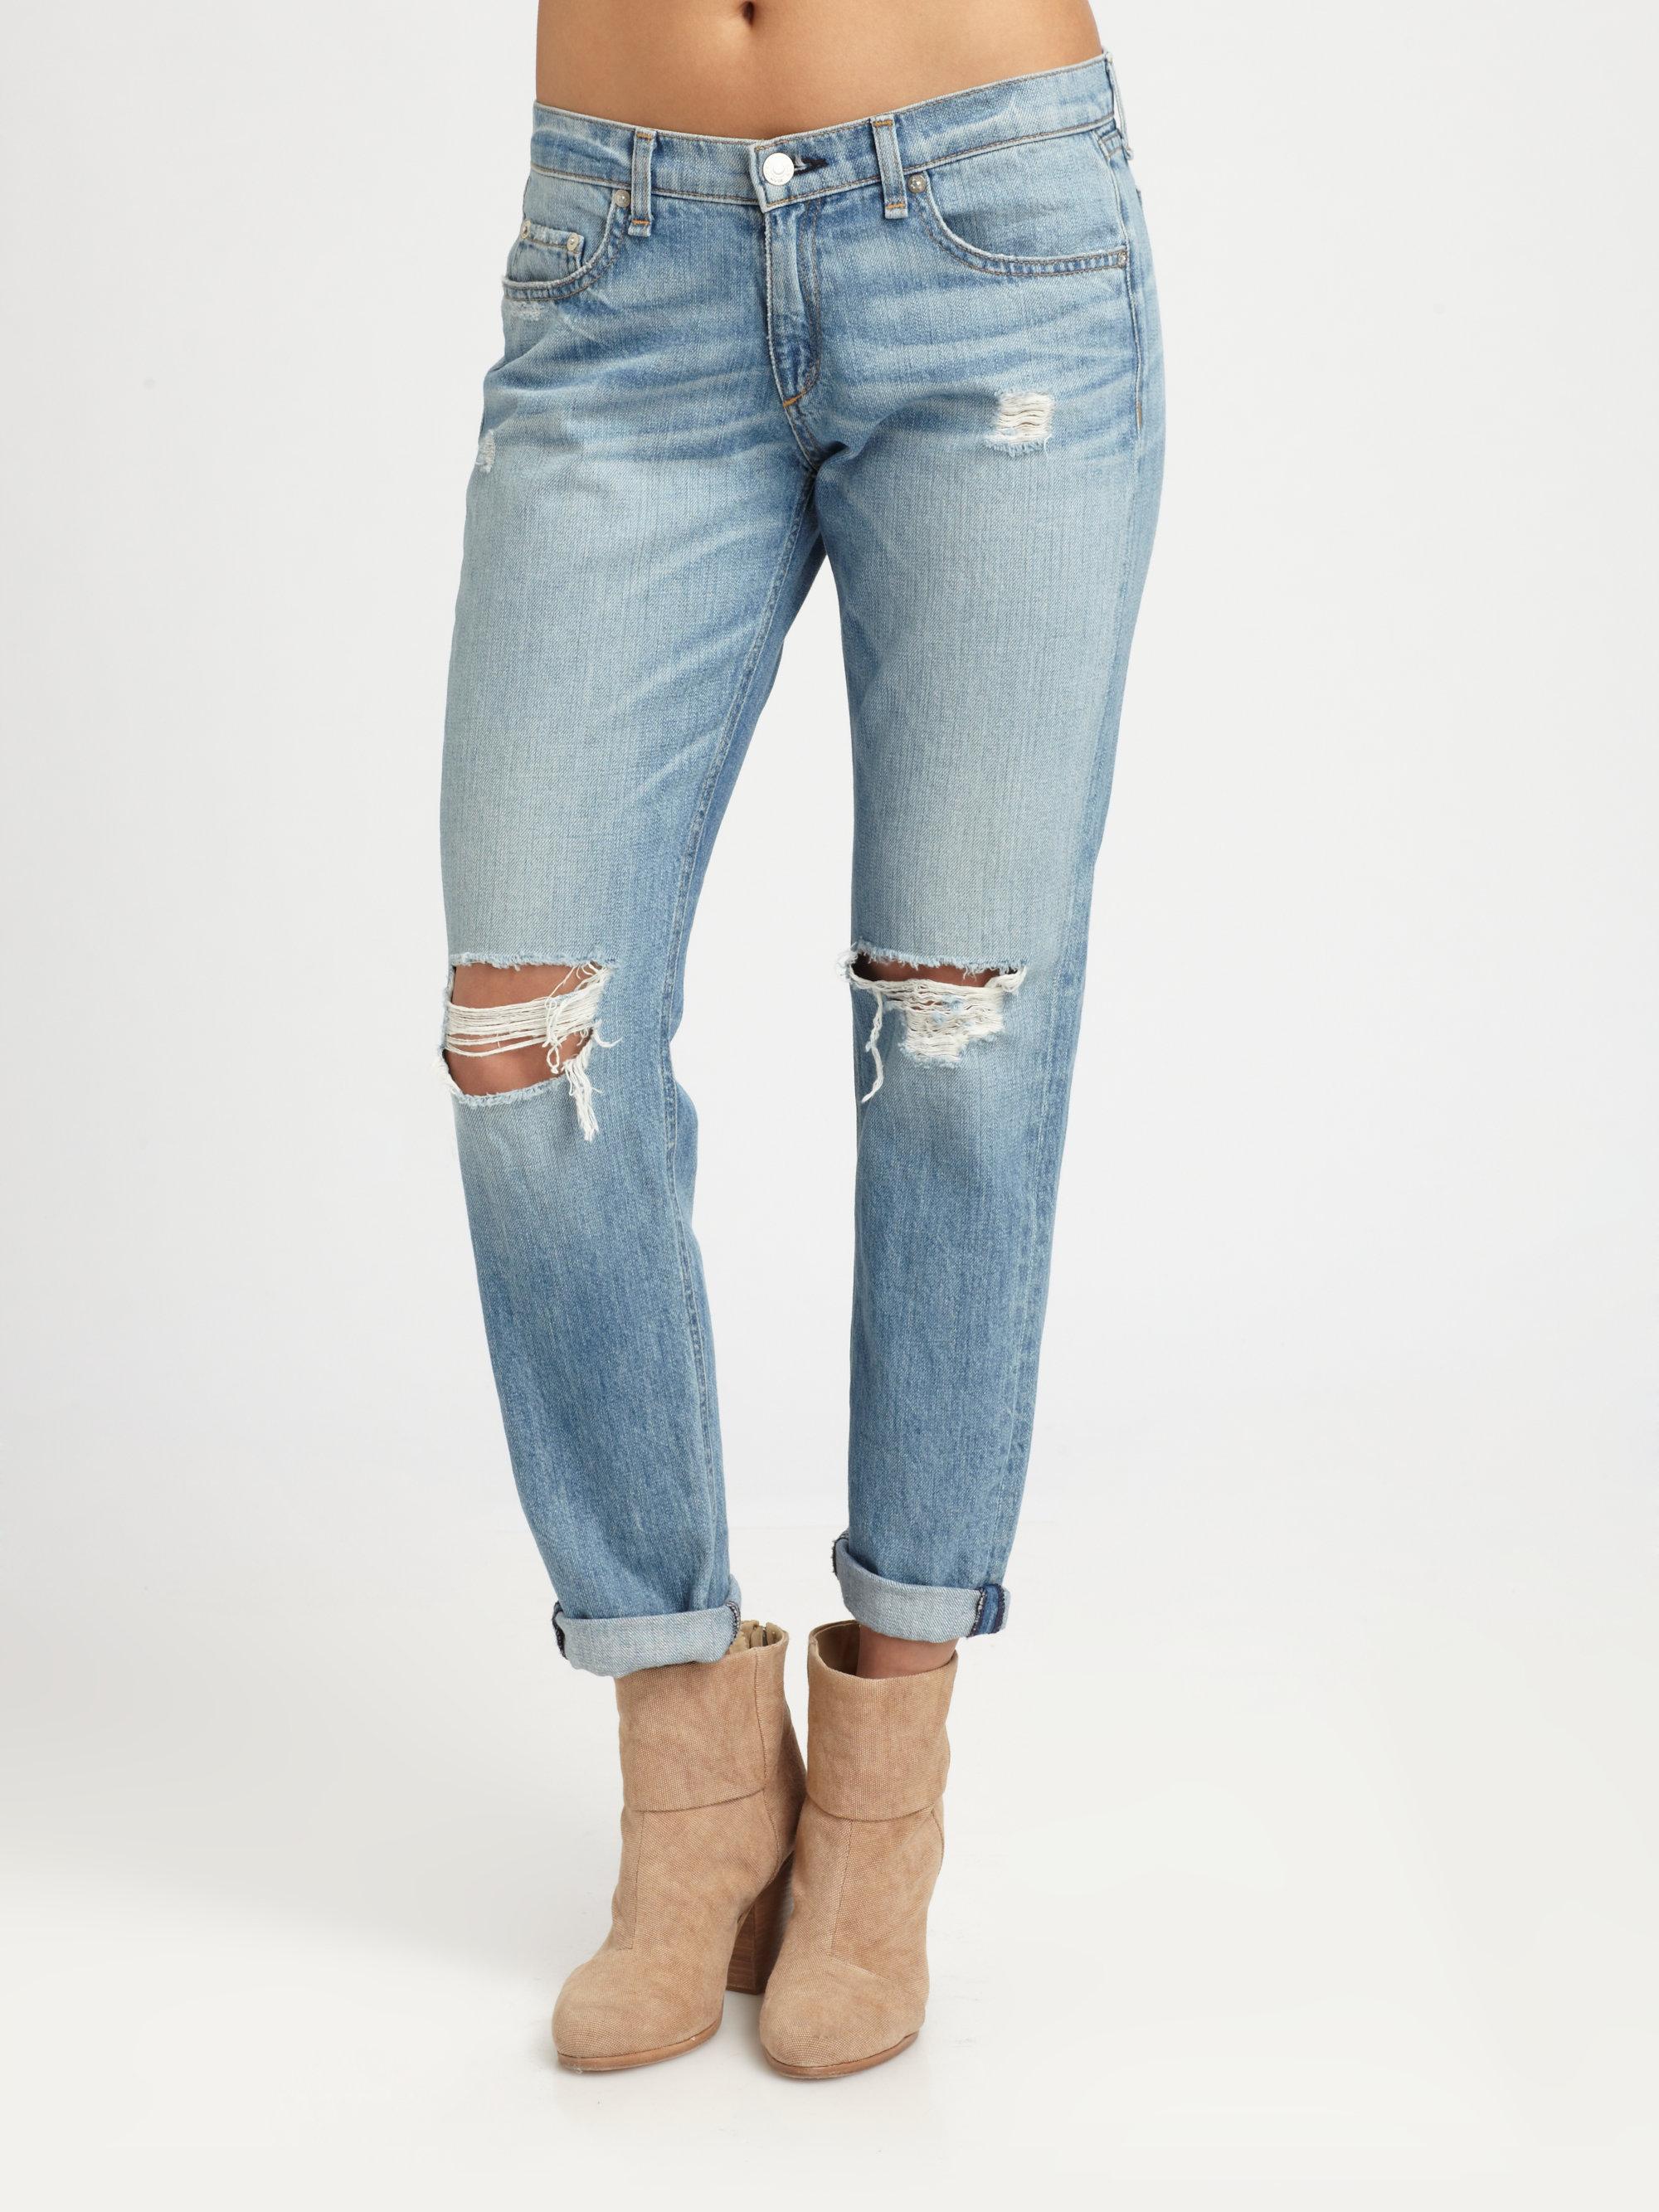 8ddbdb5a8b2 Rag & Bone The Boyfriend Distressed Jeans in Blue - Lyst